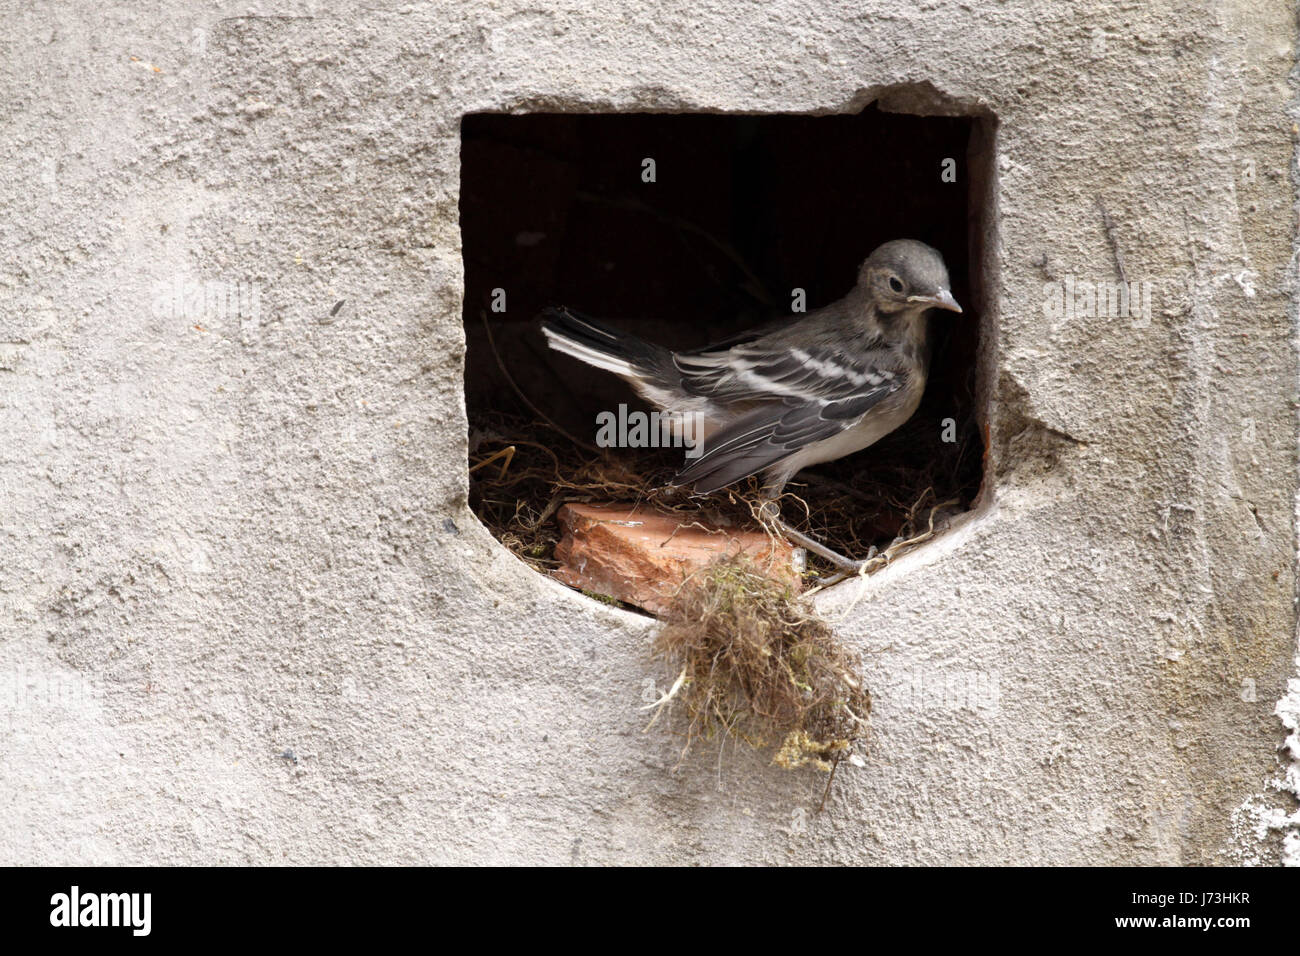 Le chant des oiseaux oiseaux nichent les oiseaux oiseaux échassiers goglus bergeronnette oiseaux nichent feed Banque D'Images